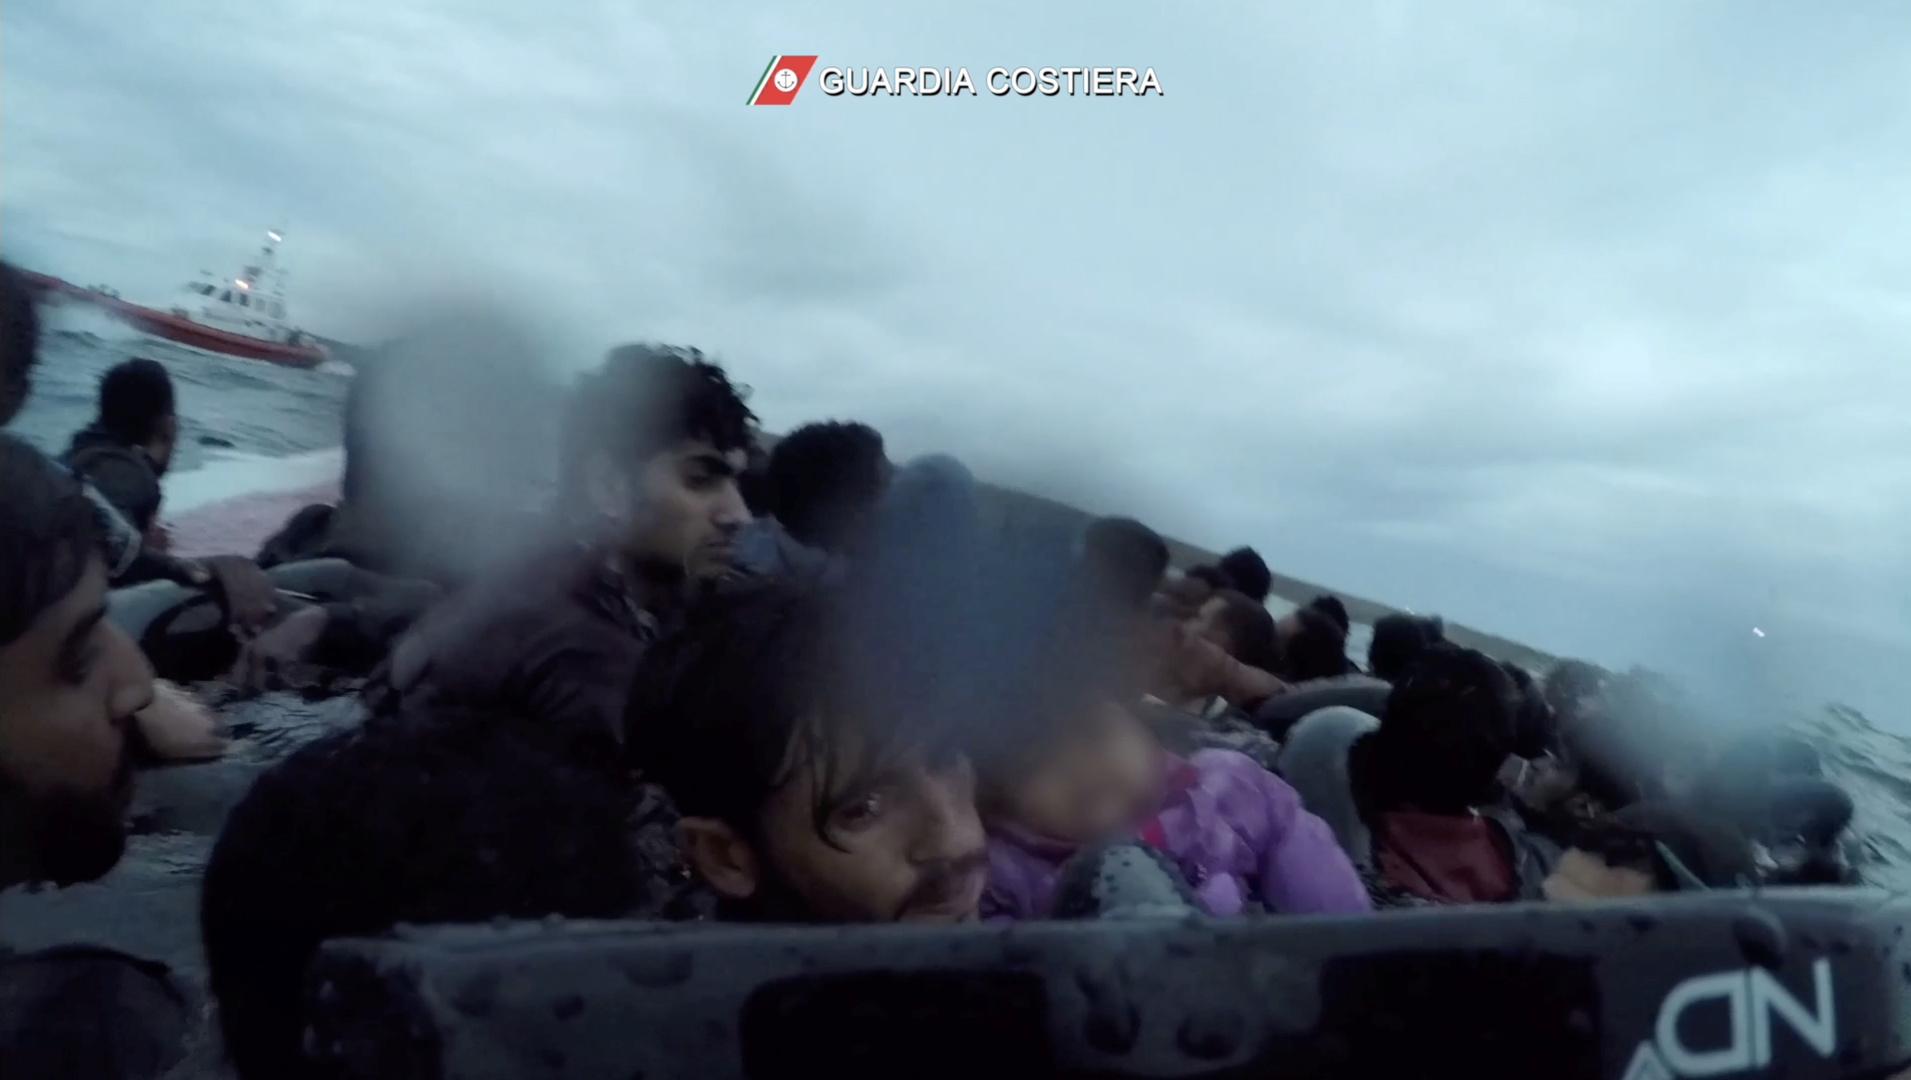 منظمة إنسانية تحذر من كارثة إنسانية في المتوسط